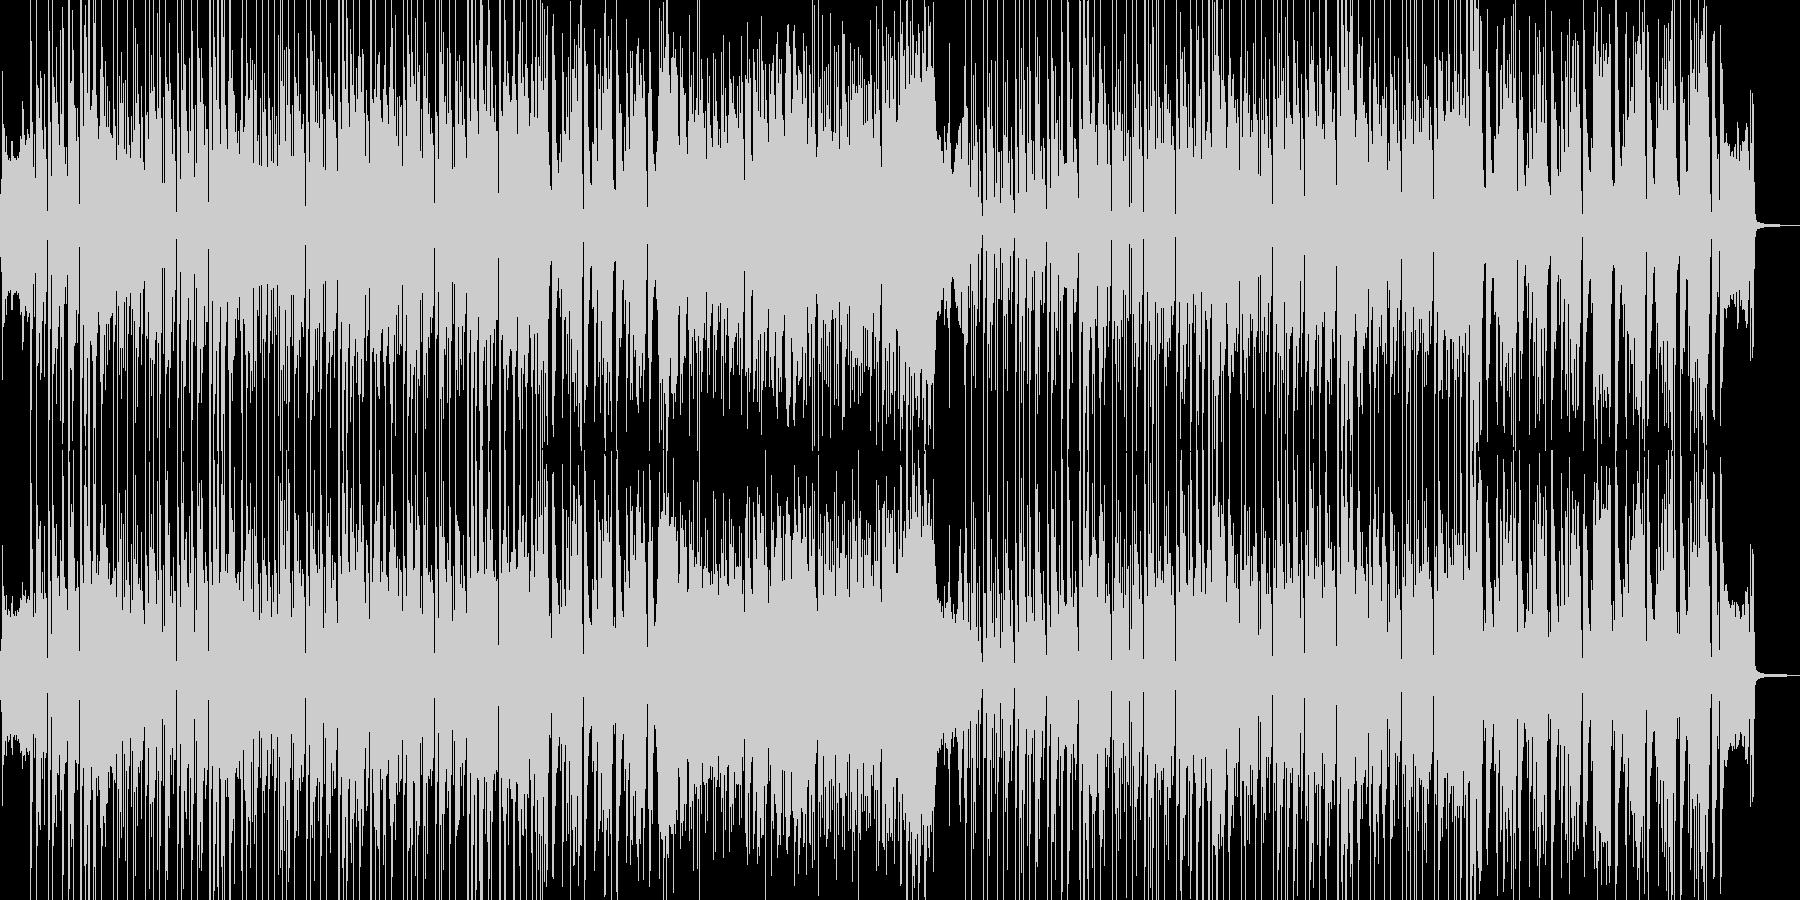 琴・三味線 渋いR&Bポップ 長尺★の未再生の波形